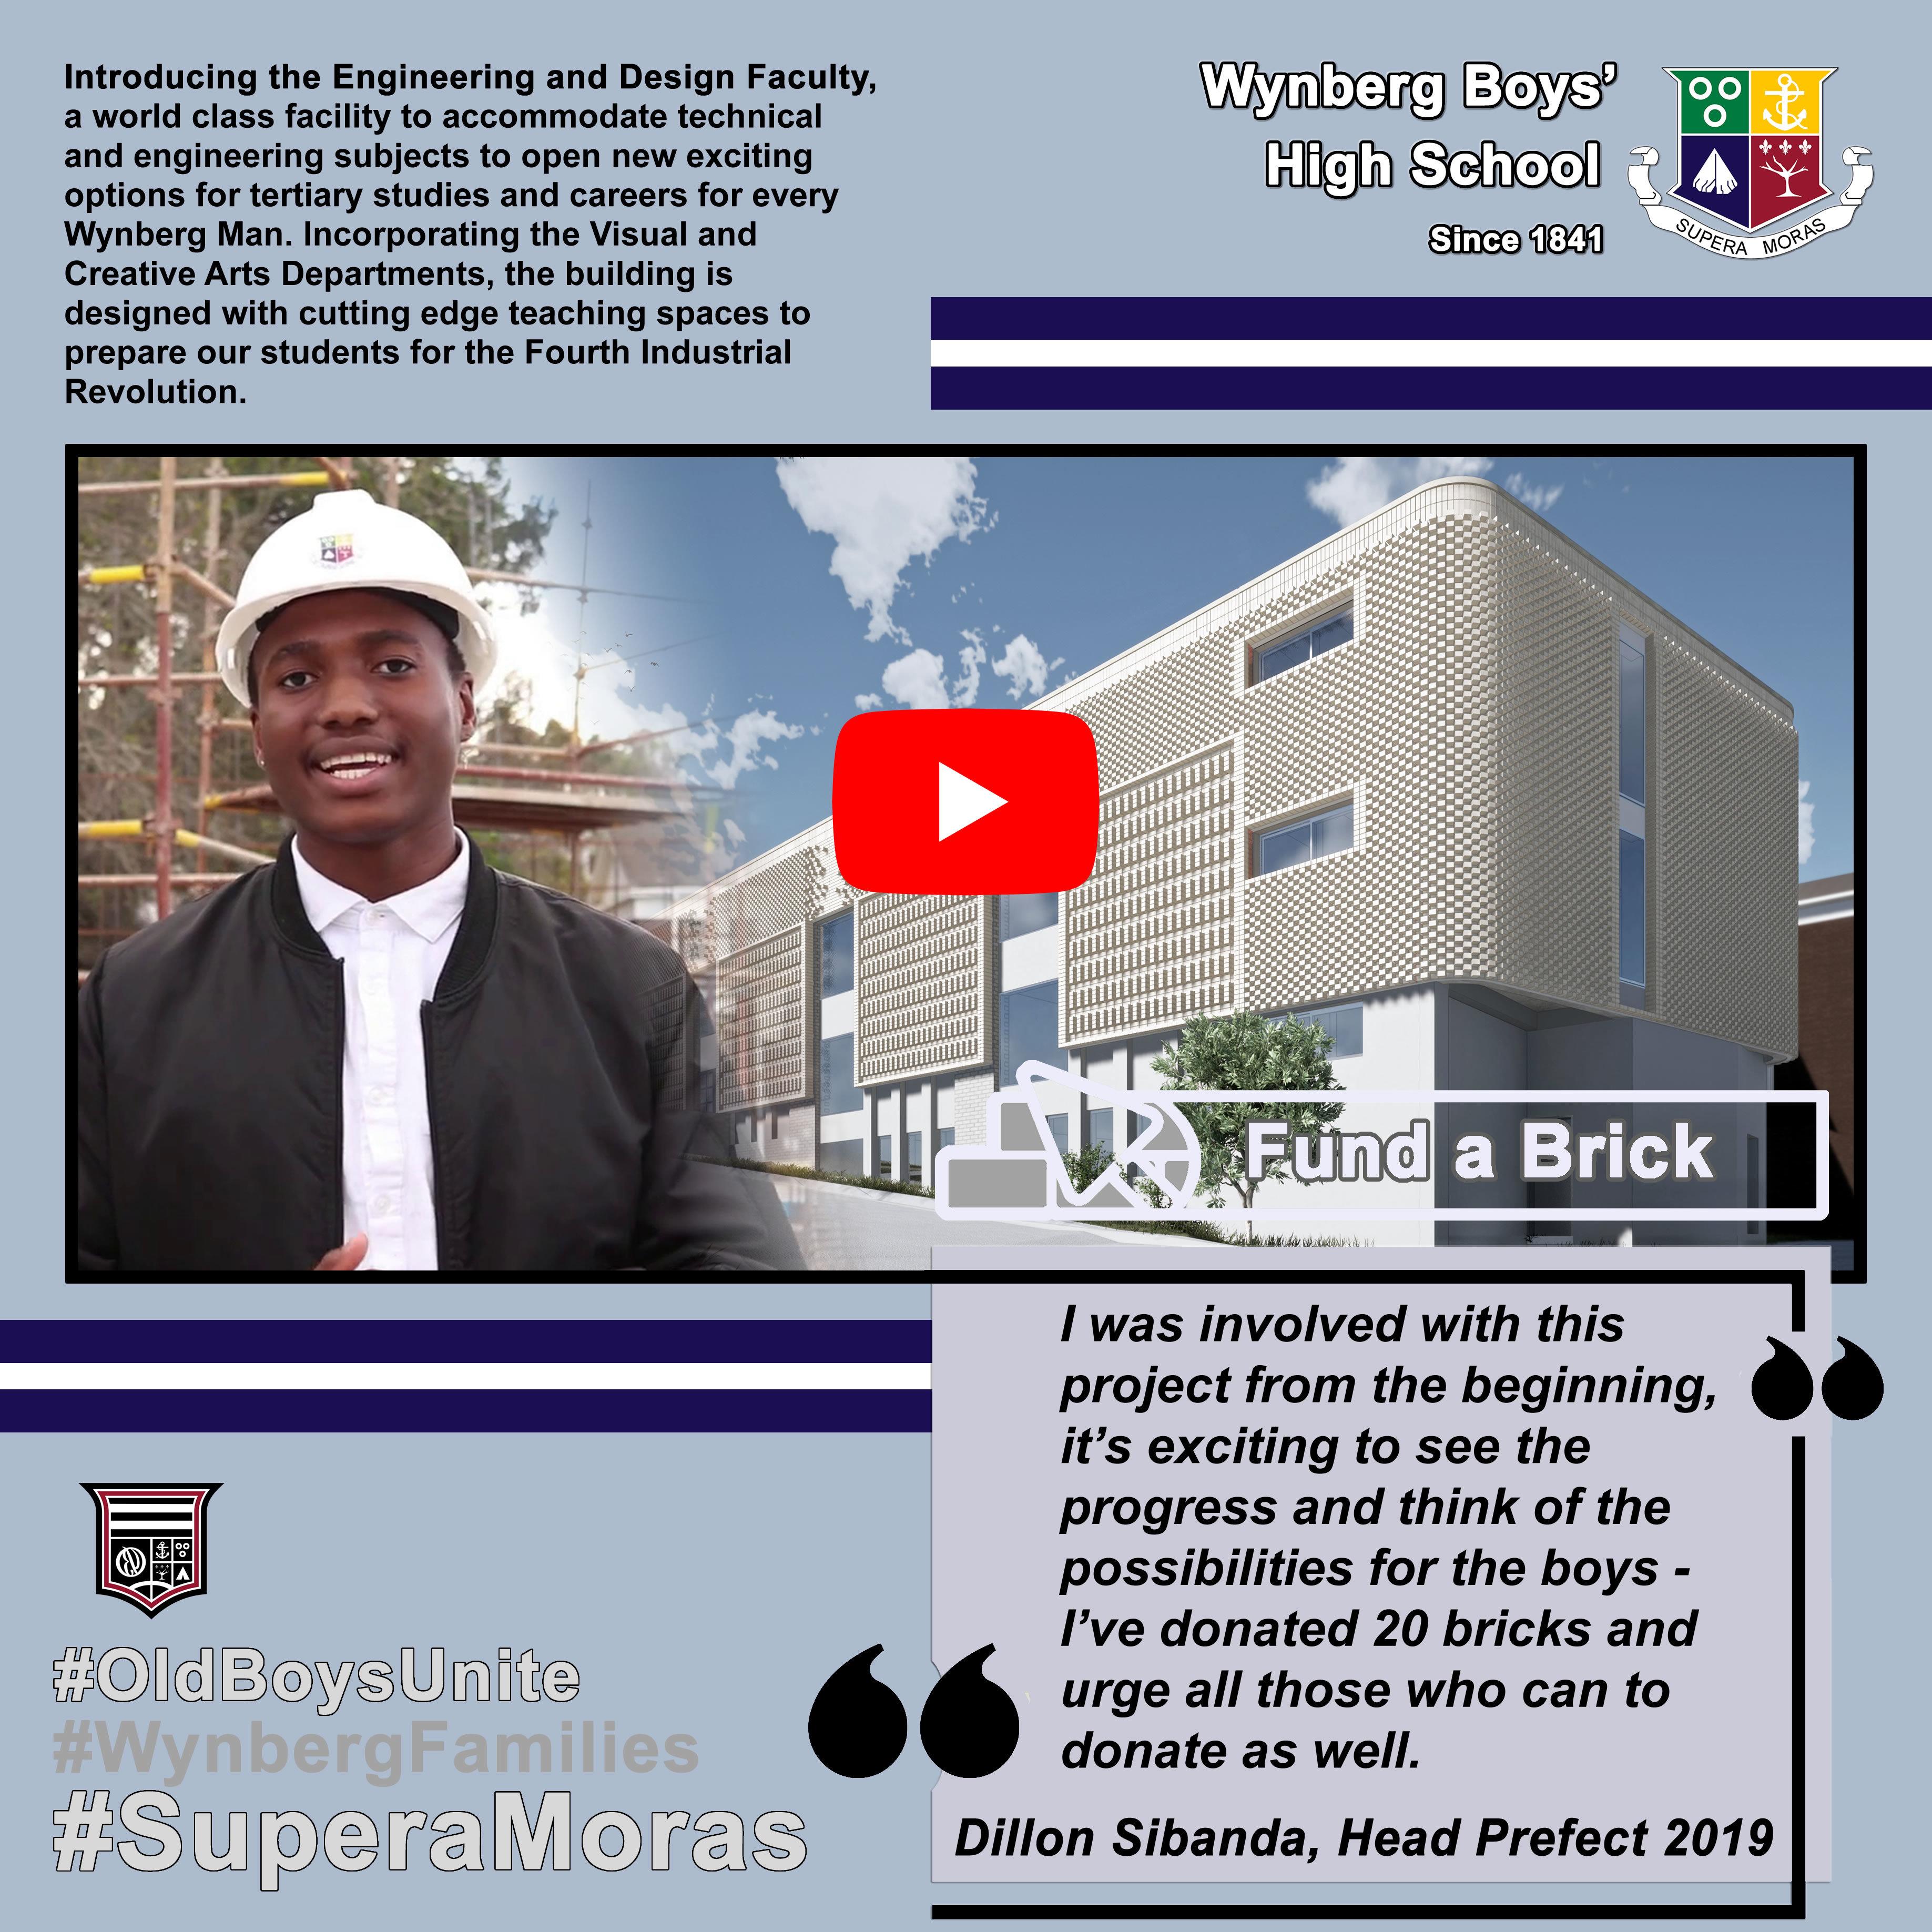 Fund a Brick: Dillon Sibanda